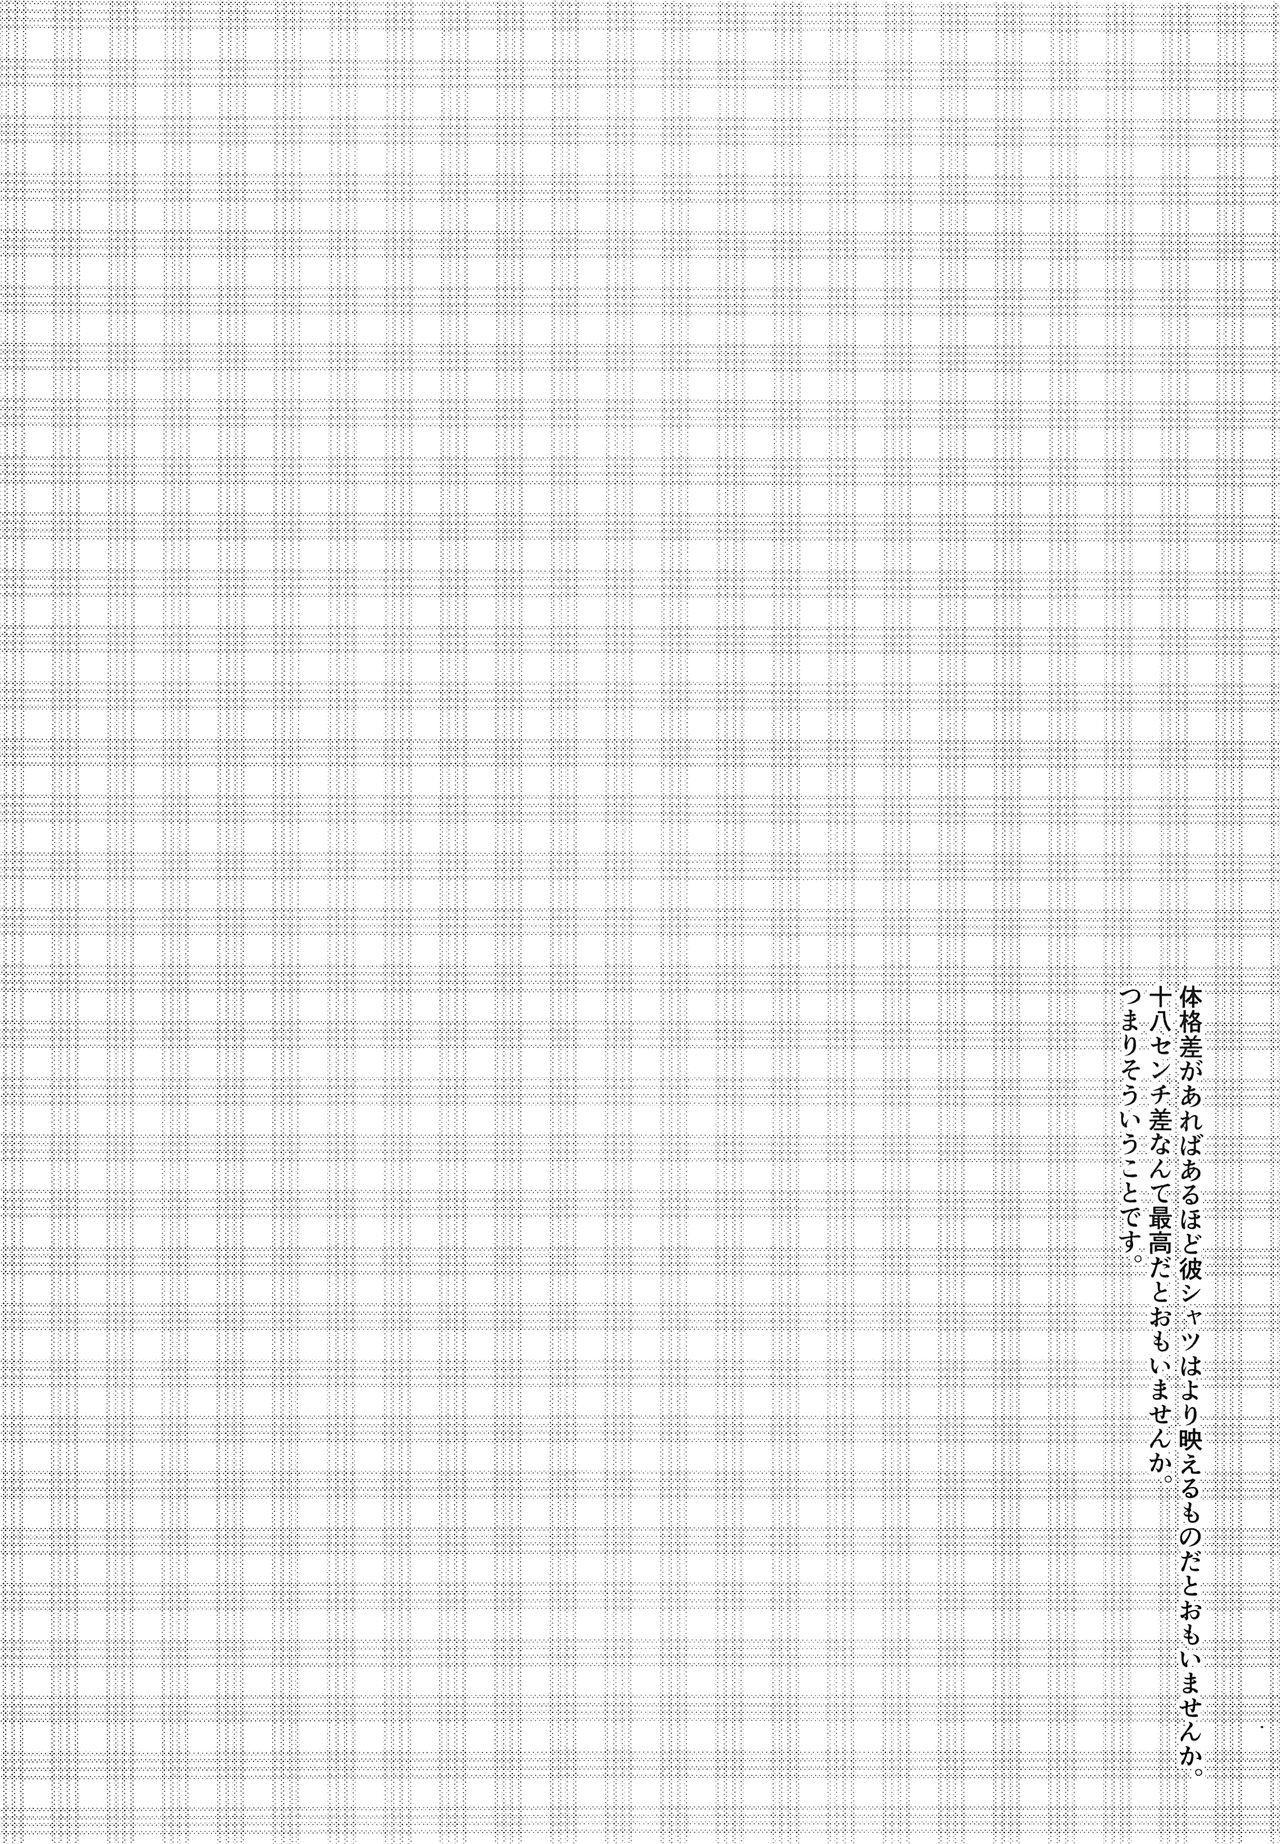 Zenbu Marugoto Ore no Mono 2